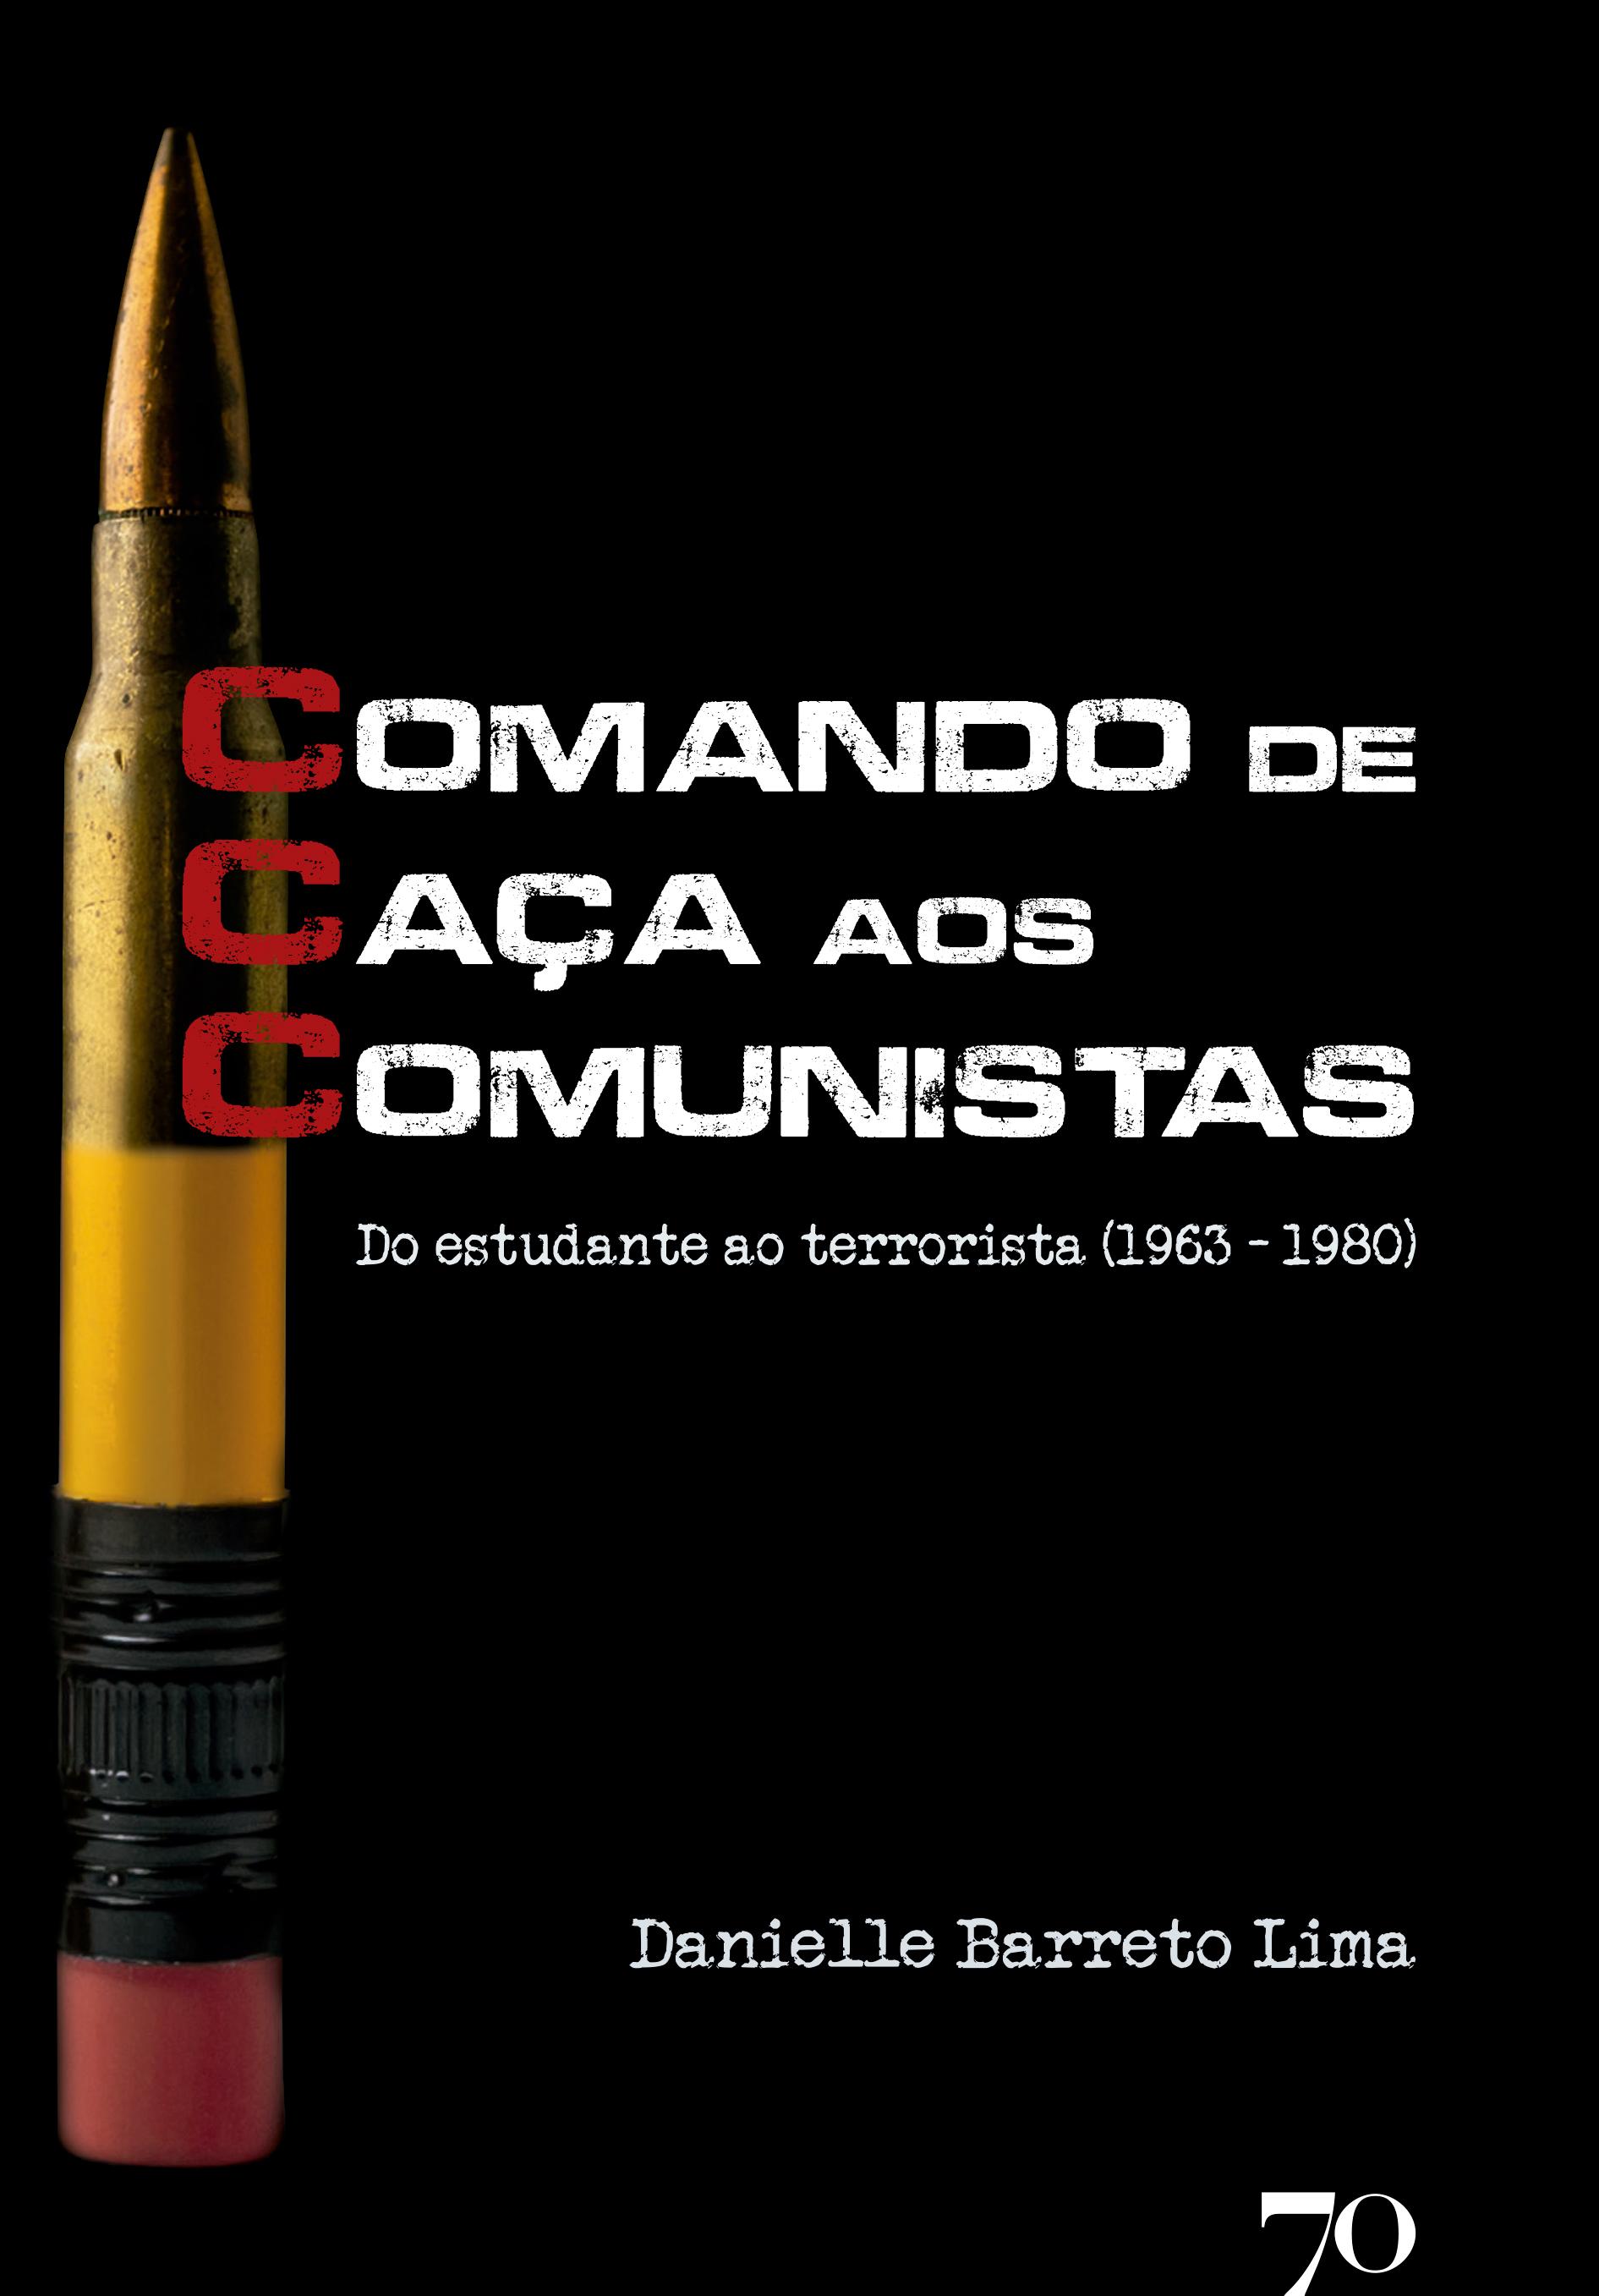 CCC - Comando de Caça aos Comunistas